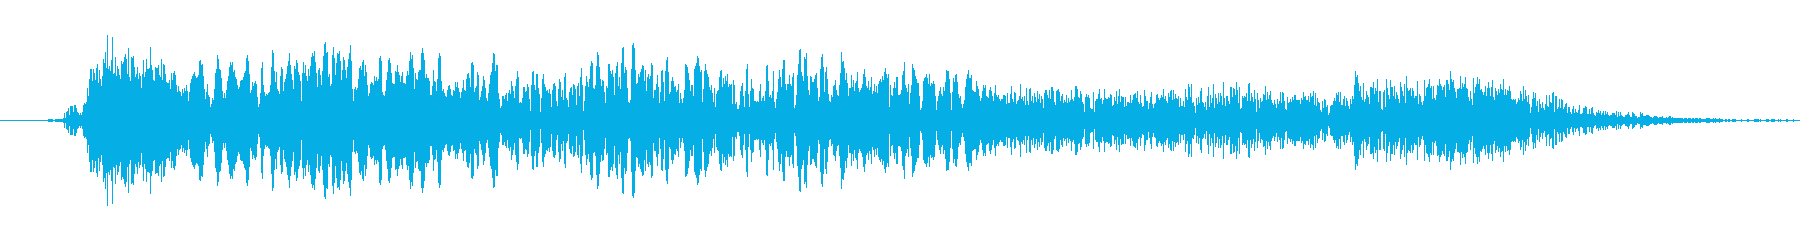 ショートカット遷移3の再生済みの波形